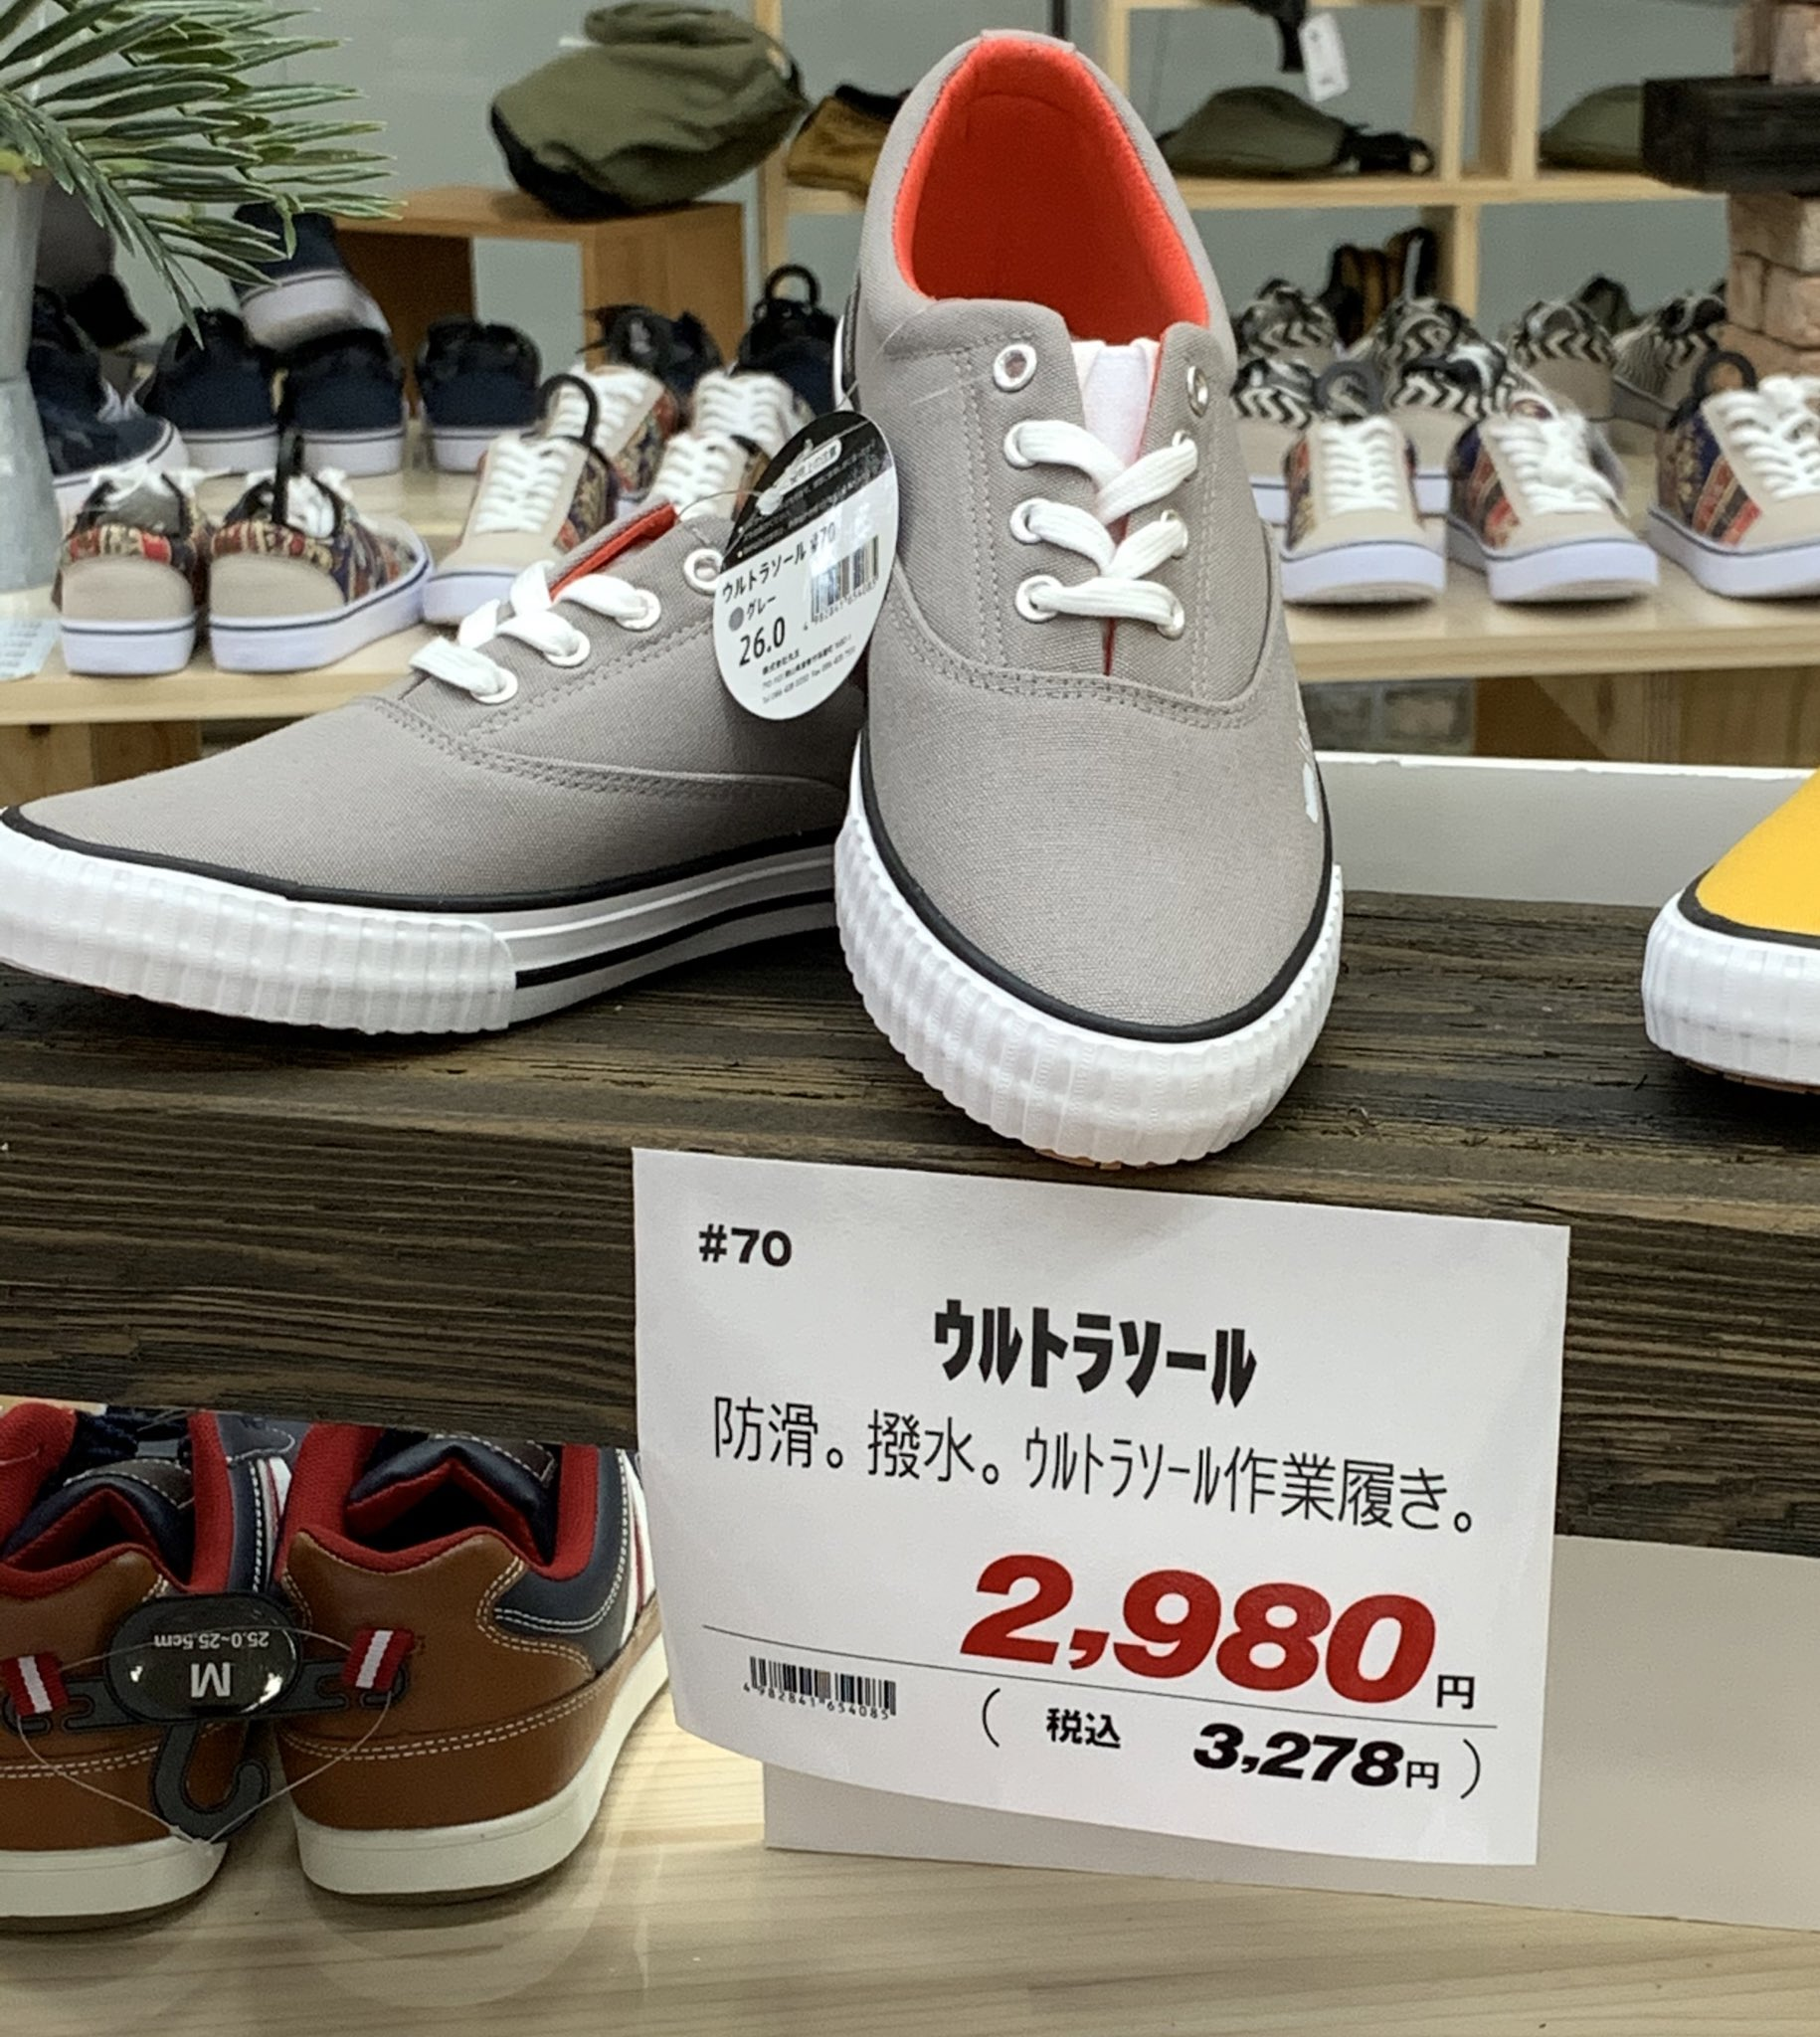 【ネタ画像】まるで○○みたいな靴がこちらwwwwwwww